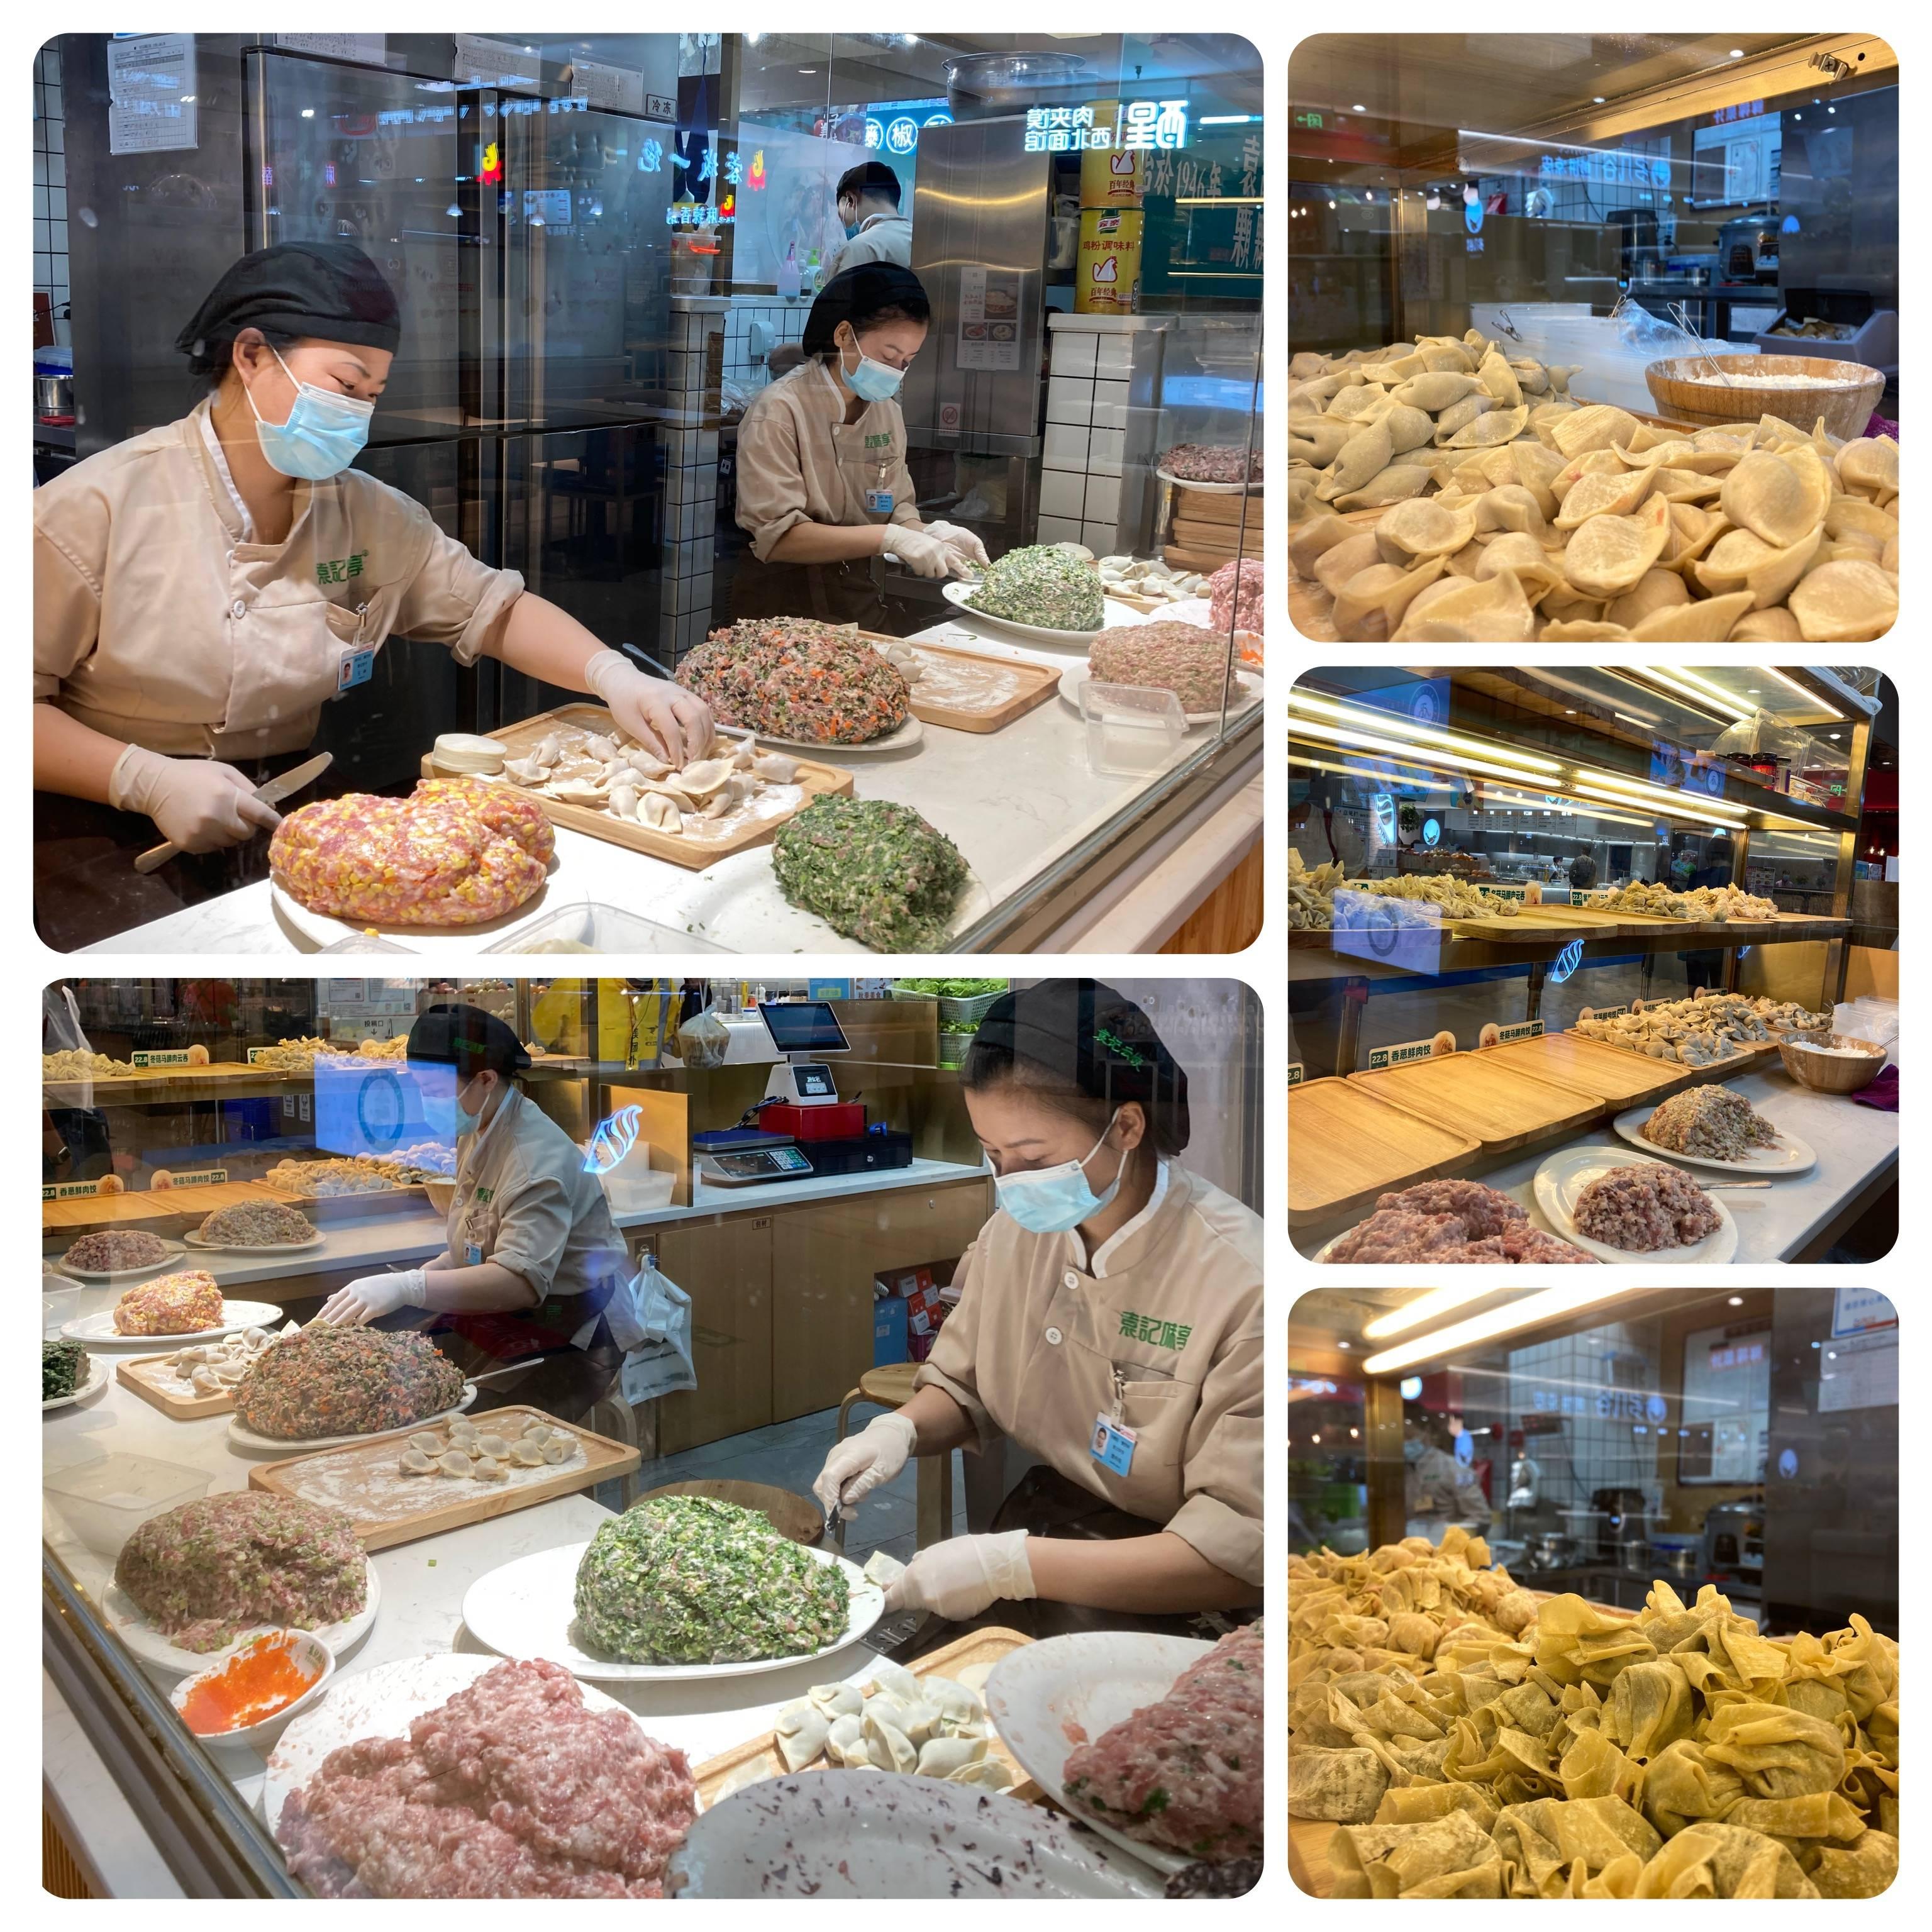 A transparência, a organização e limpeza encantam os olhos dos clientes que aguardam seu prato ficar pronto.